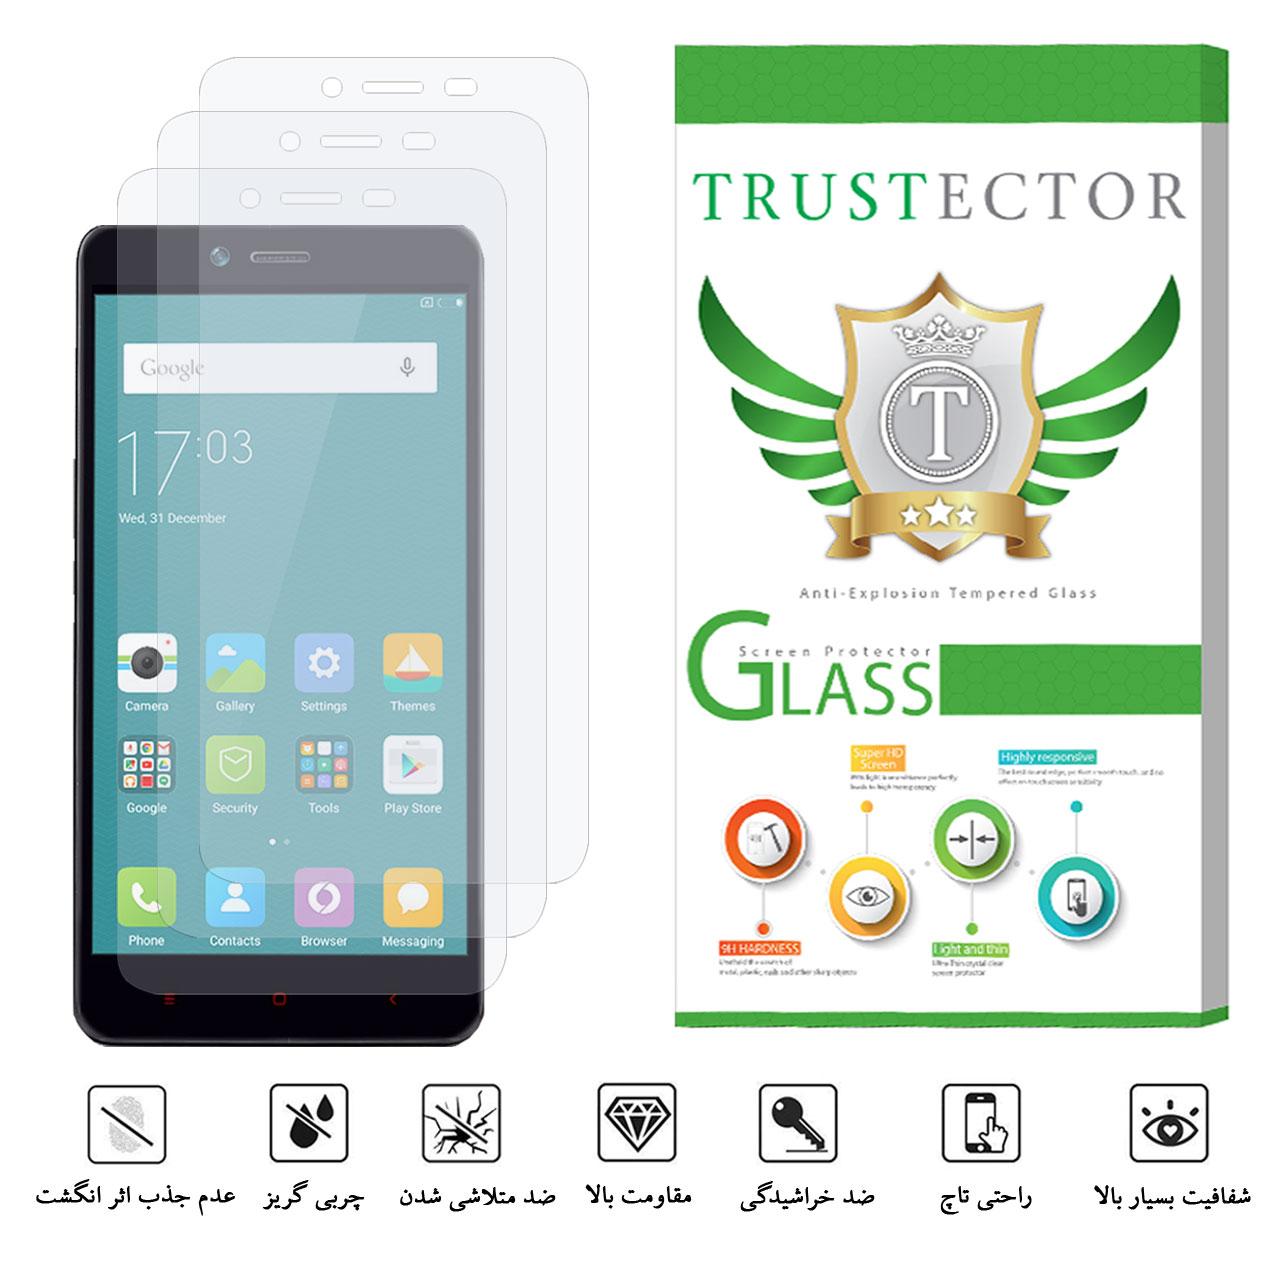 محافظ صفحه نمایش تراستکتور مدل GLS مناسب برای گوشی موبایل شیائومی Redmi Note 2 / Redmi Note 2 Prime بسته 3 عددی main 1 2